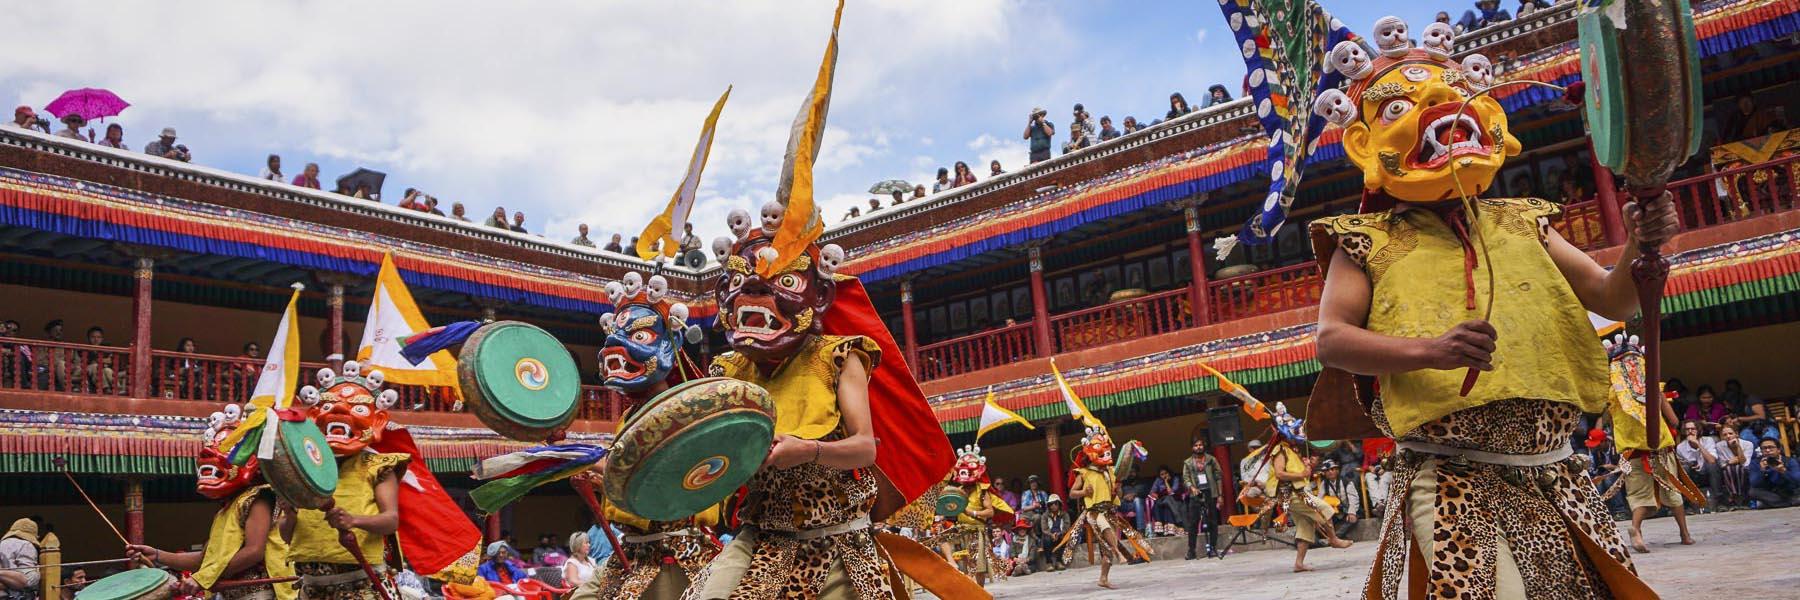 Hemis Festival in Ladakh